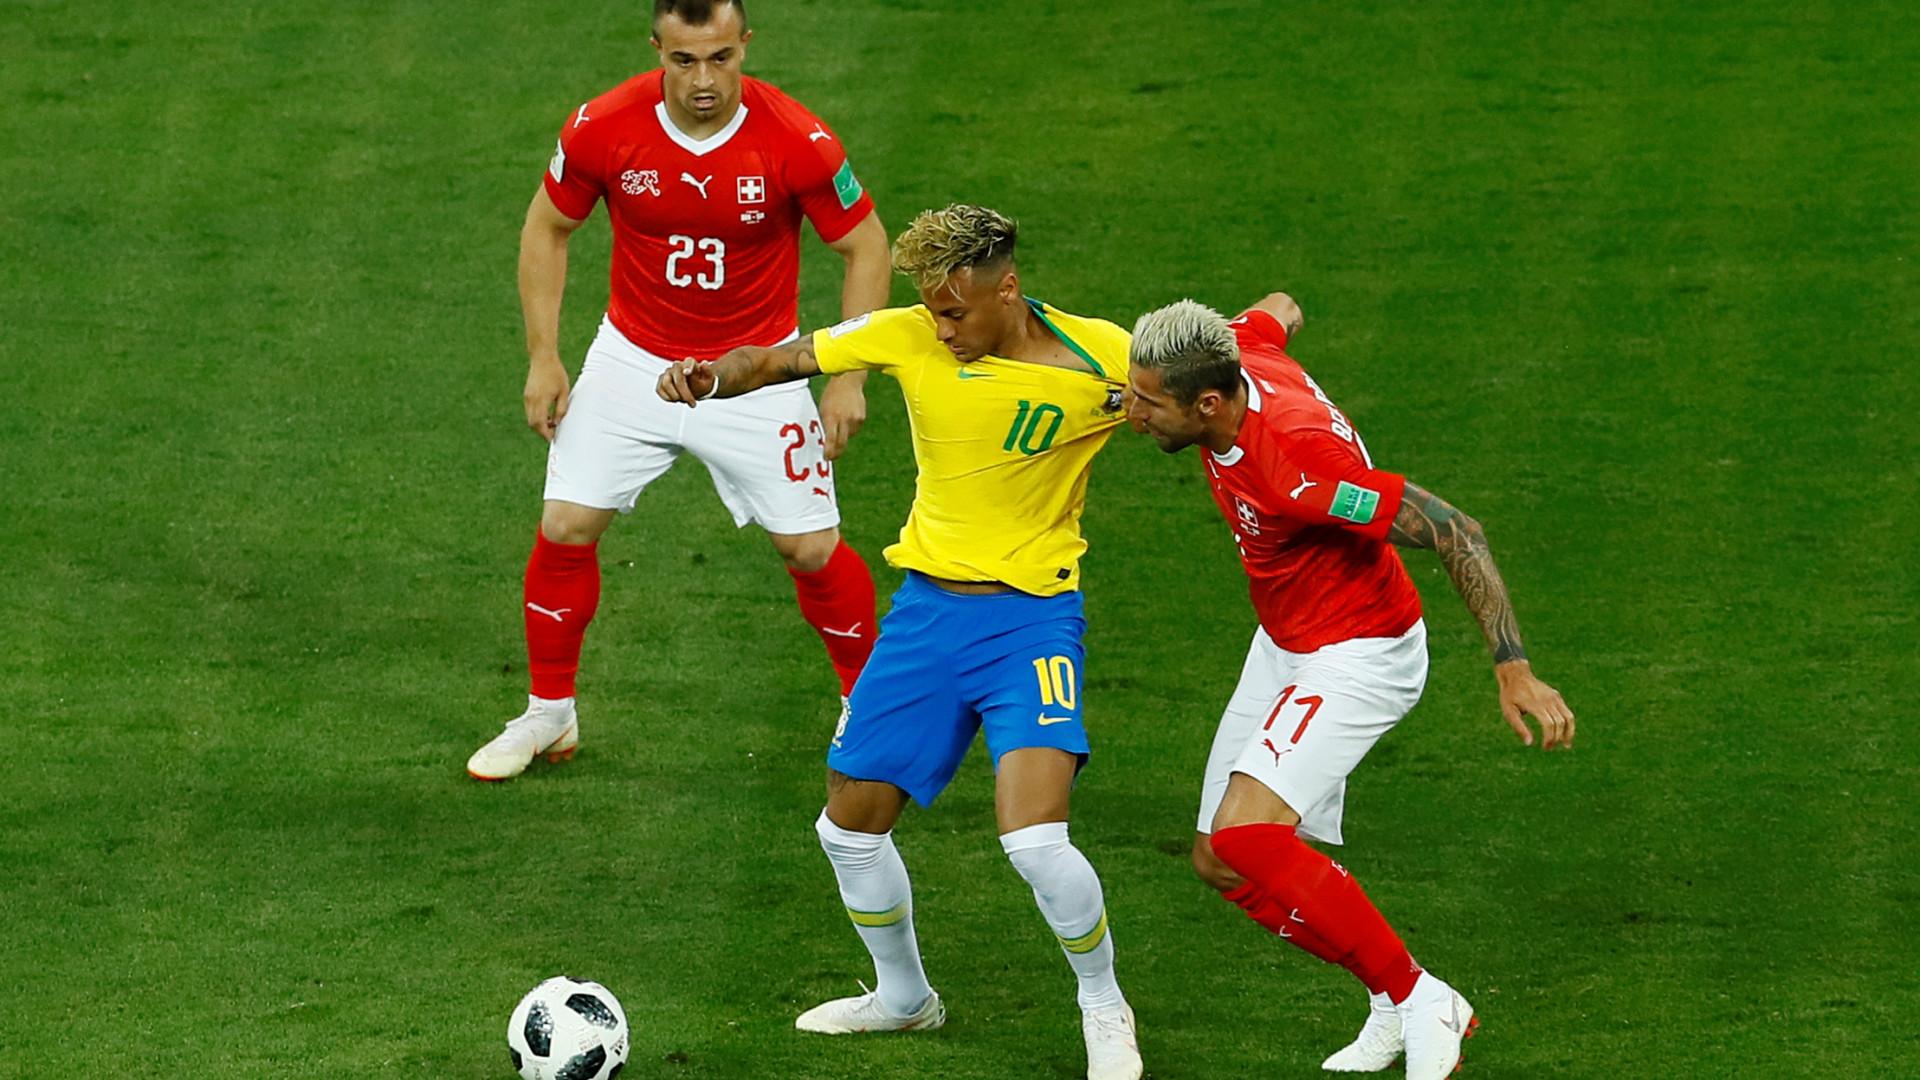 Suíça agarrou (e bem) o Brasil para o empate na estreia no Mundial